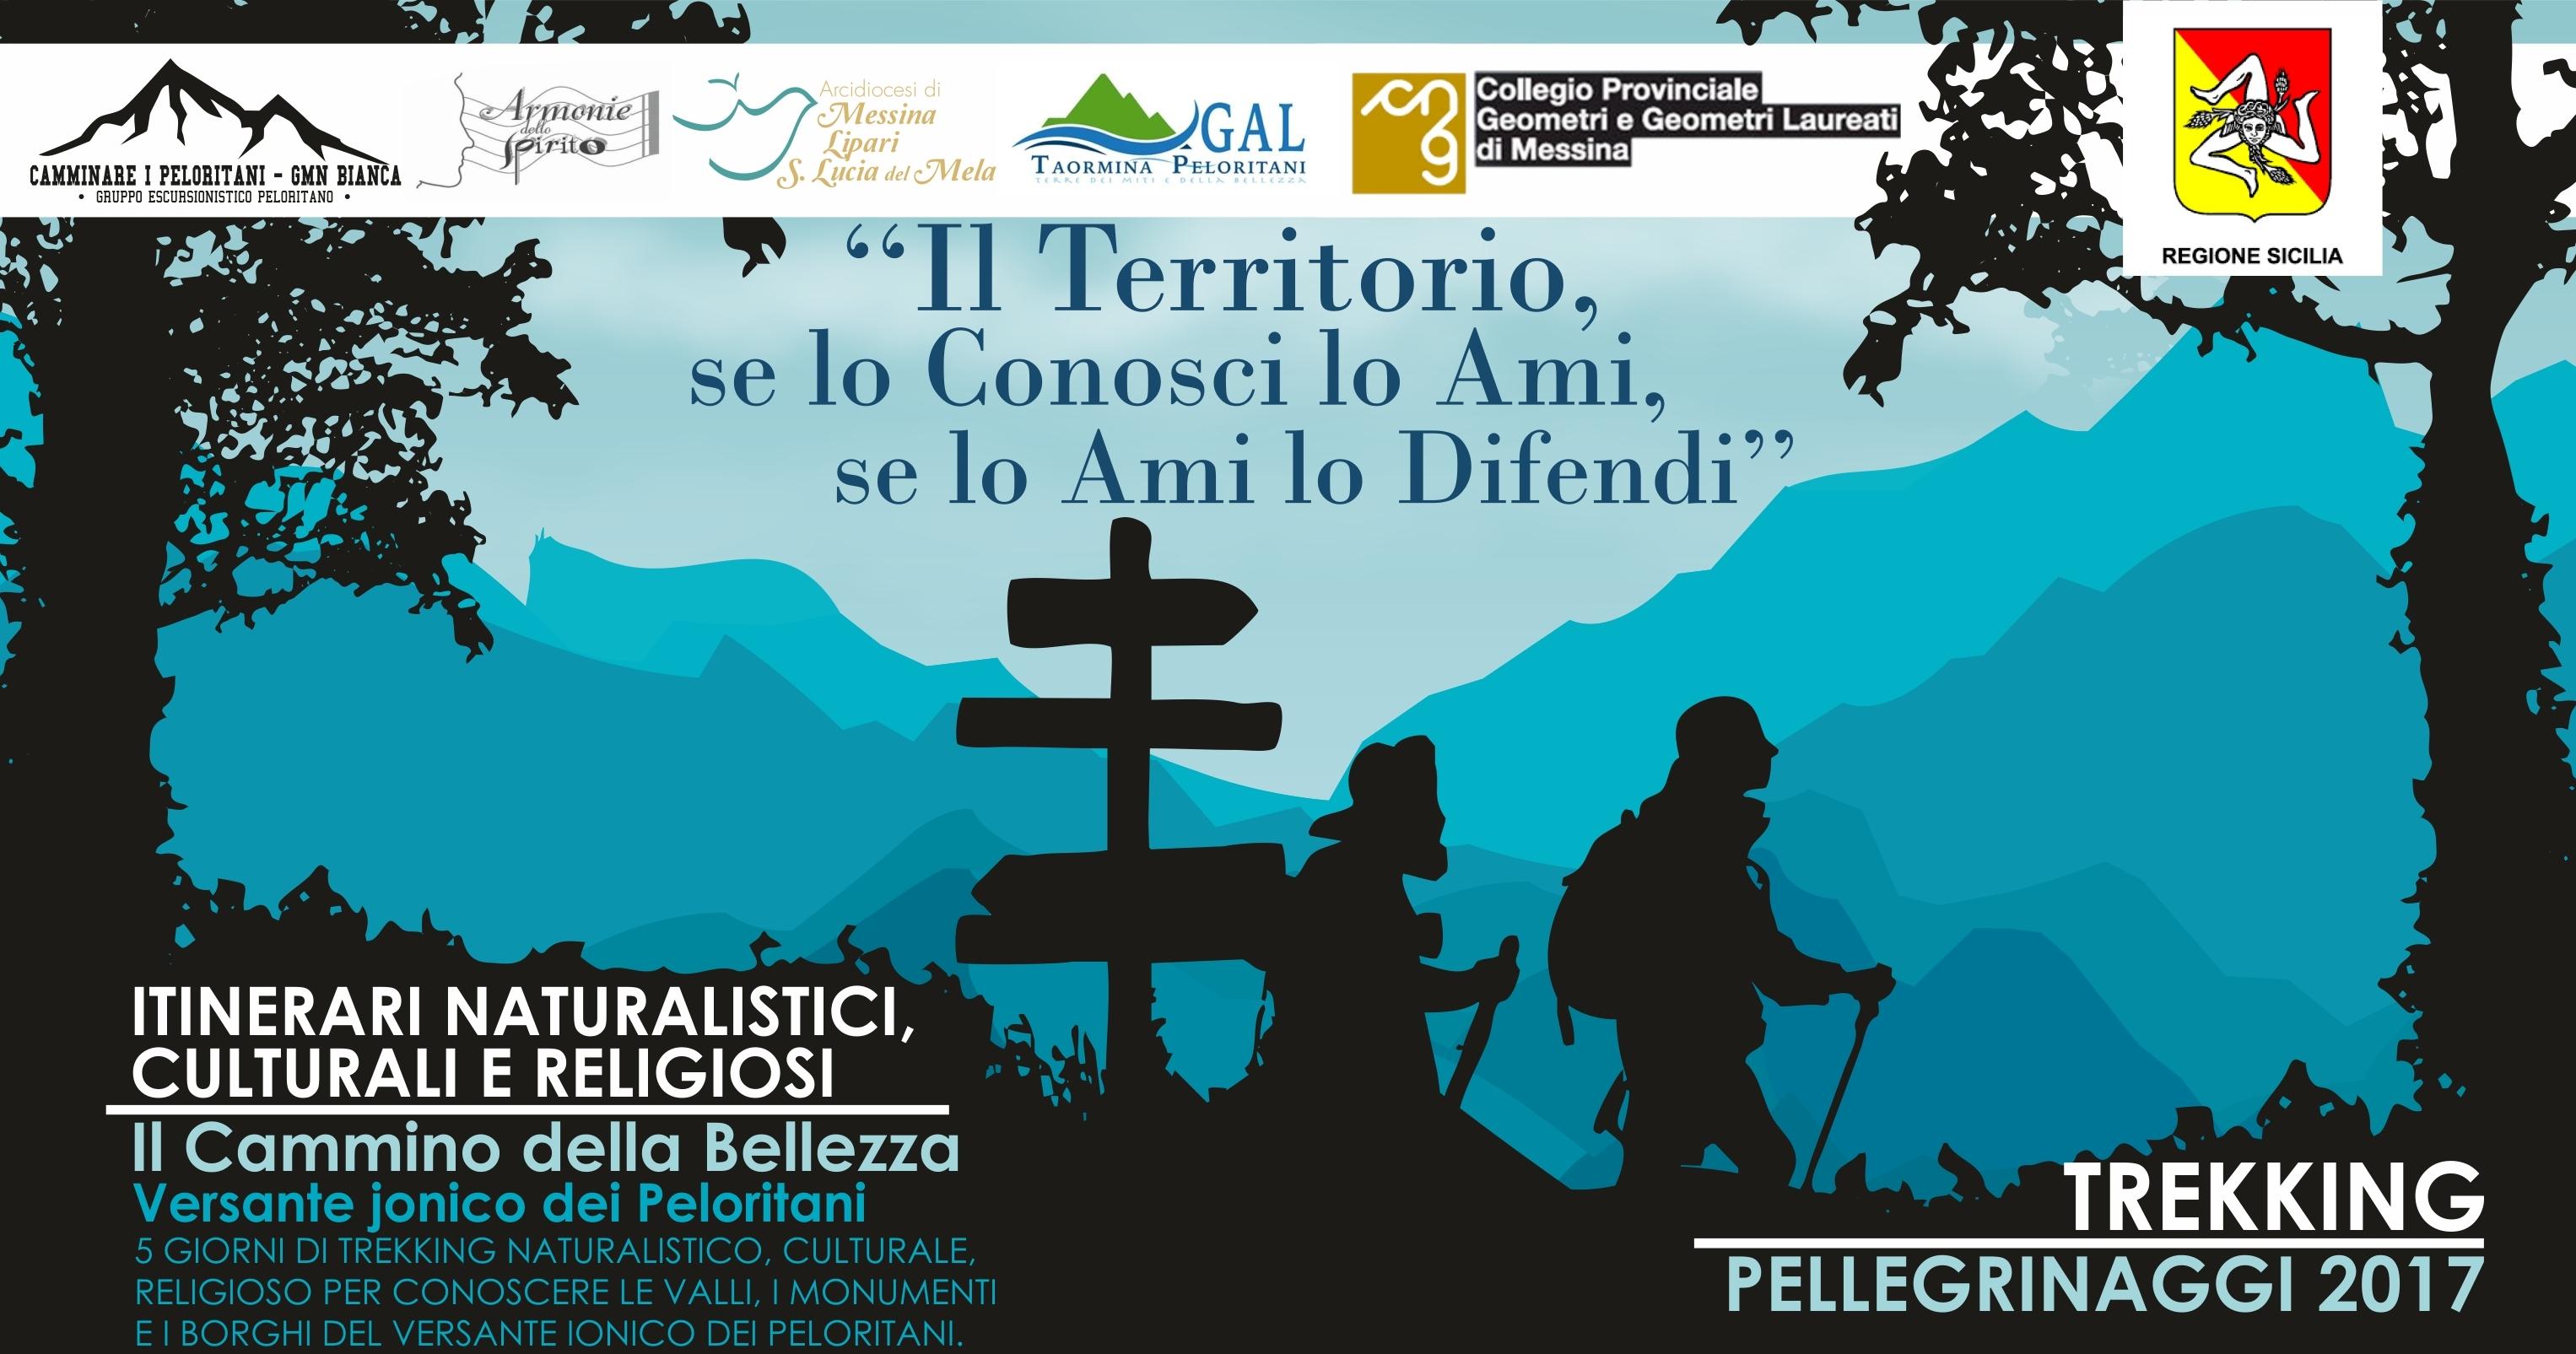 Itinerari culturali, naturalistici e religiosi nel versante ionico dei Peloritani